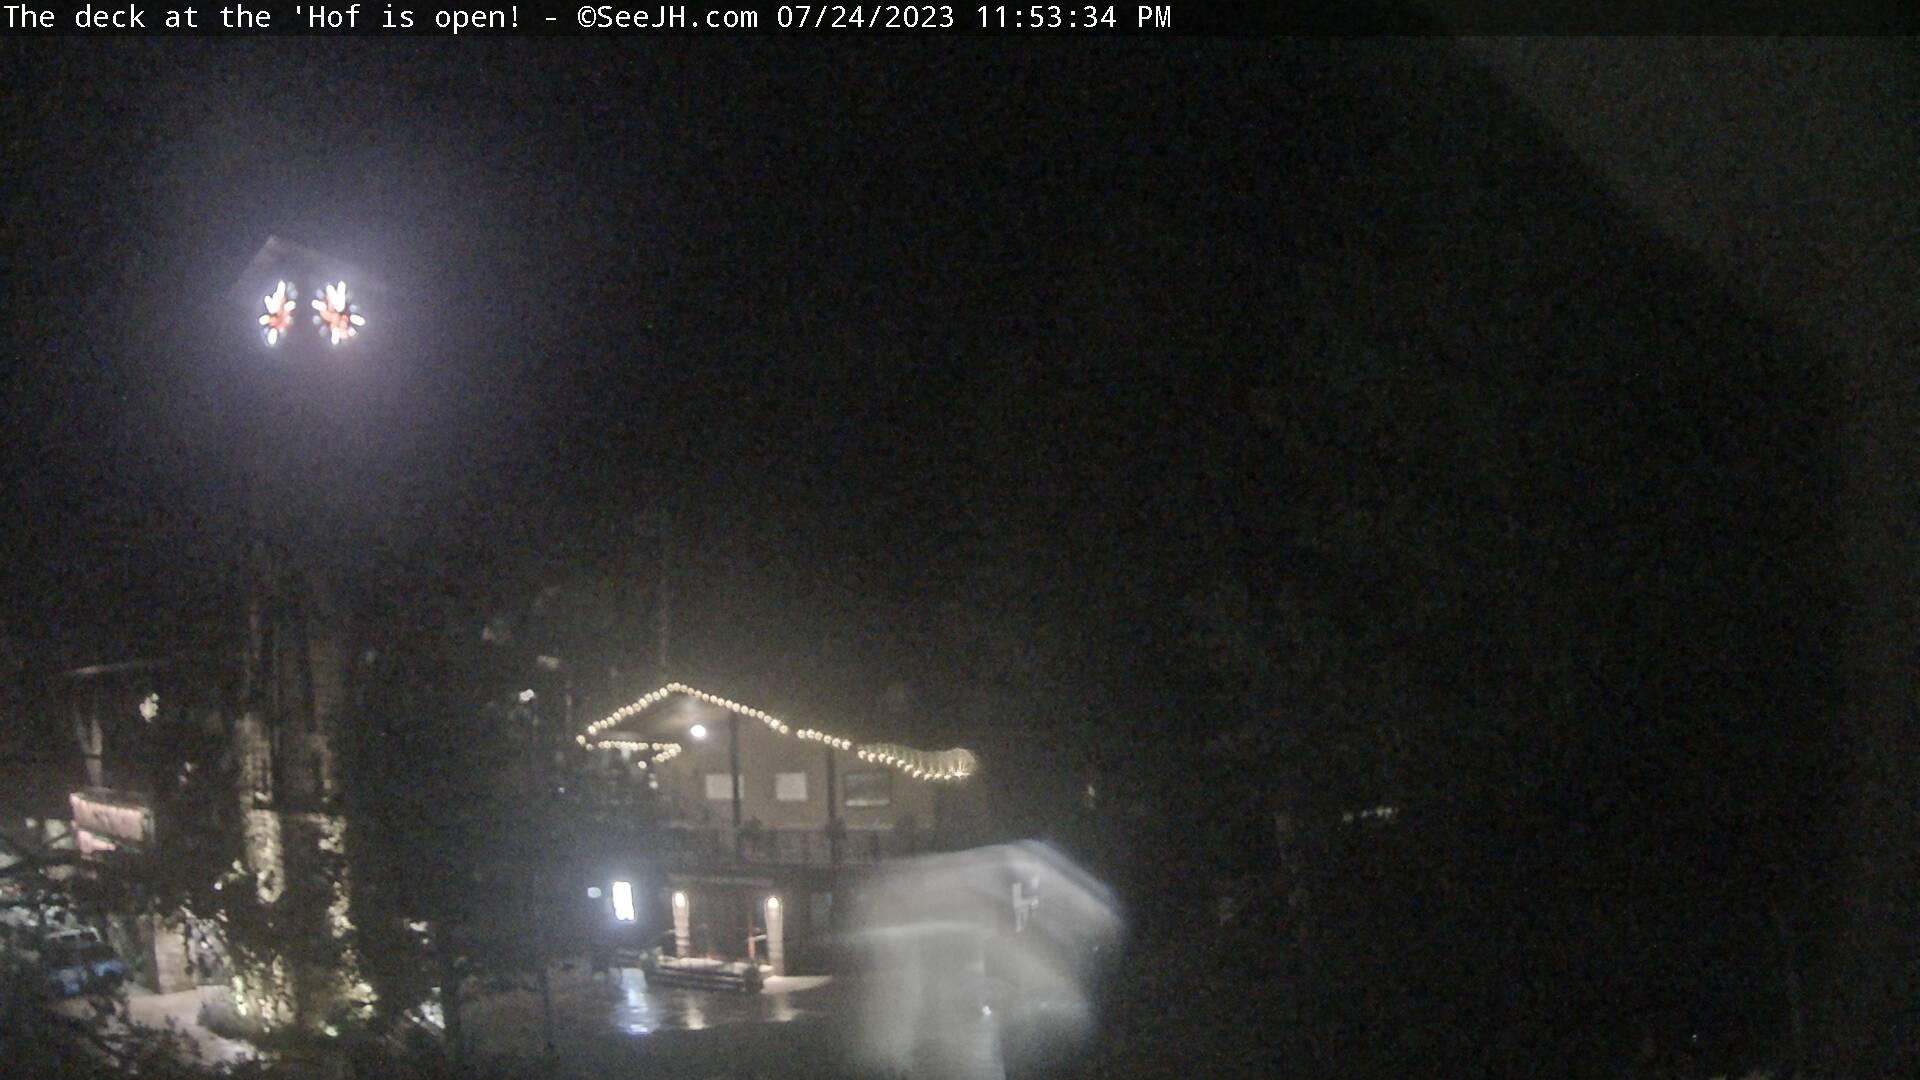 Jackson Hole Resort Tram Station Webcam Image